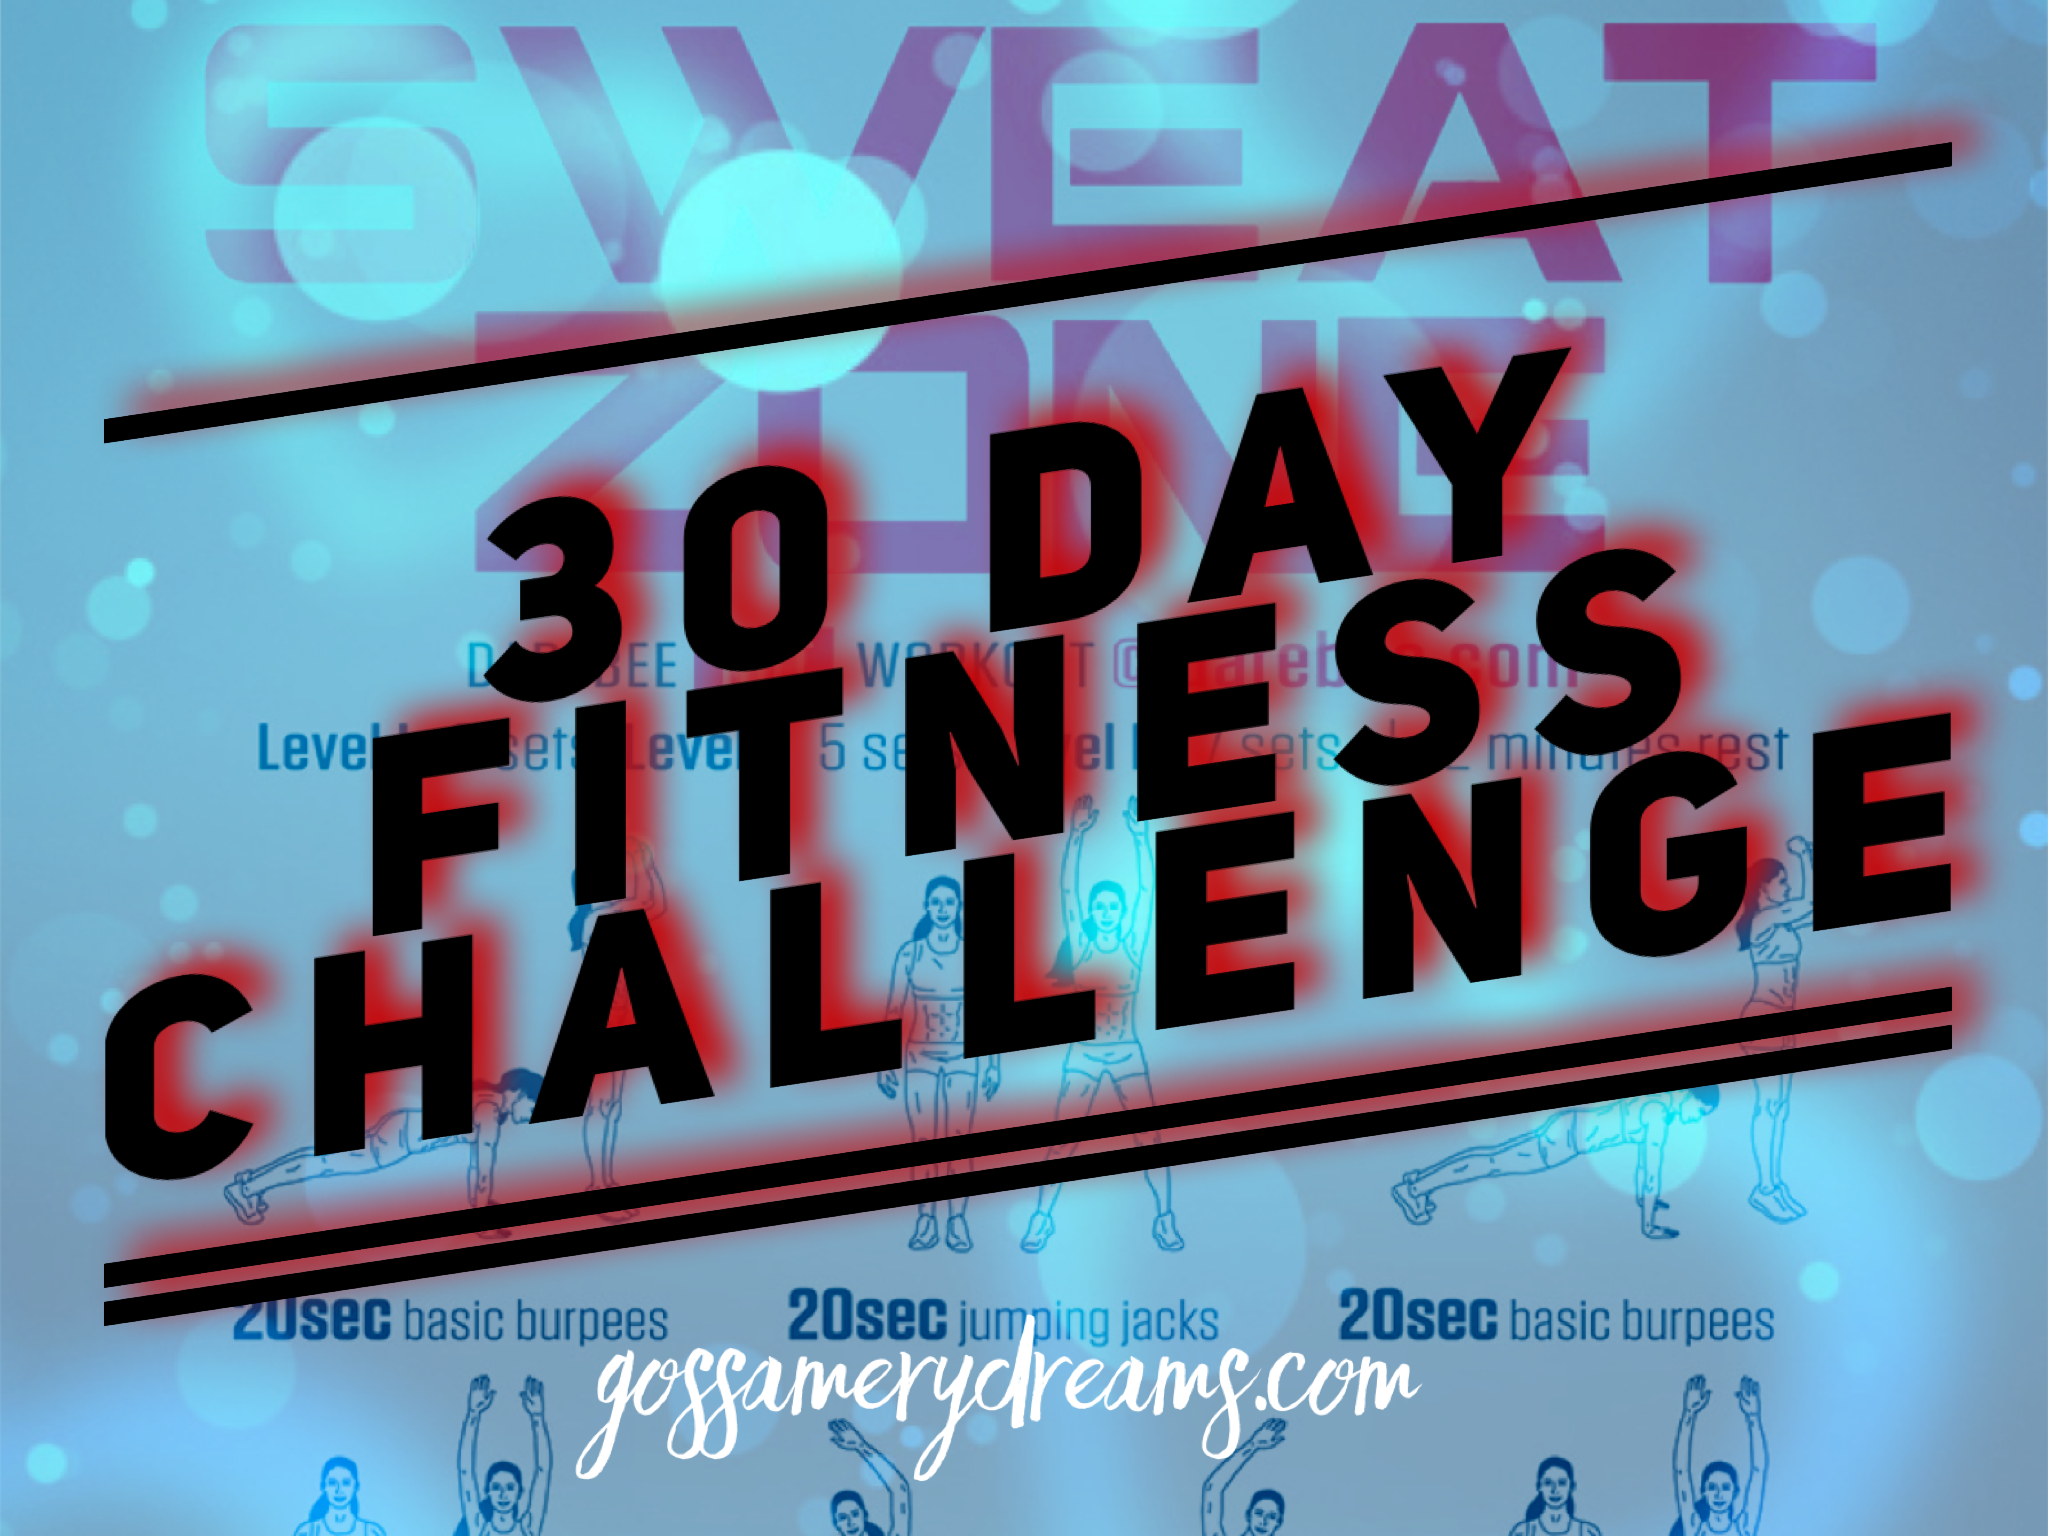 30 Day HIIT and Mini Band Challenge